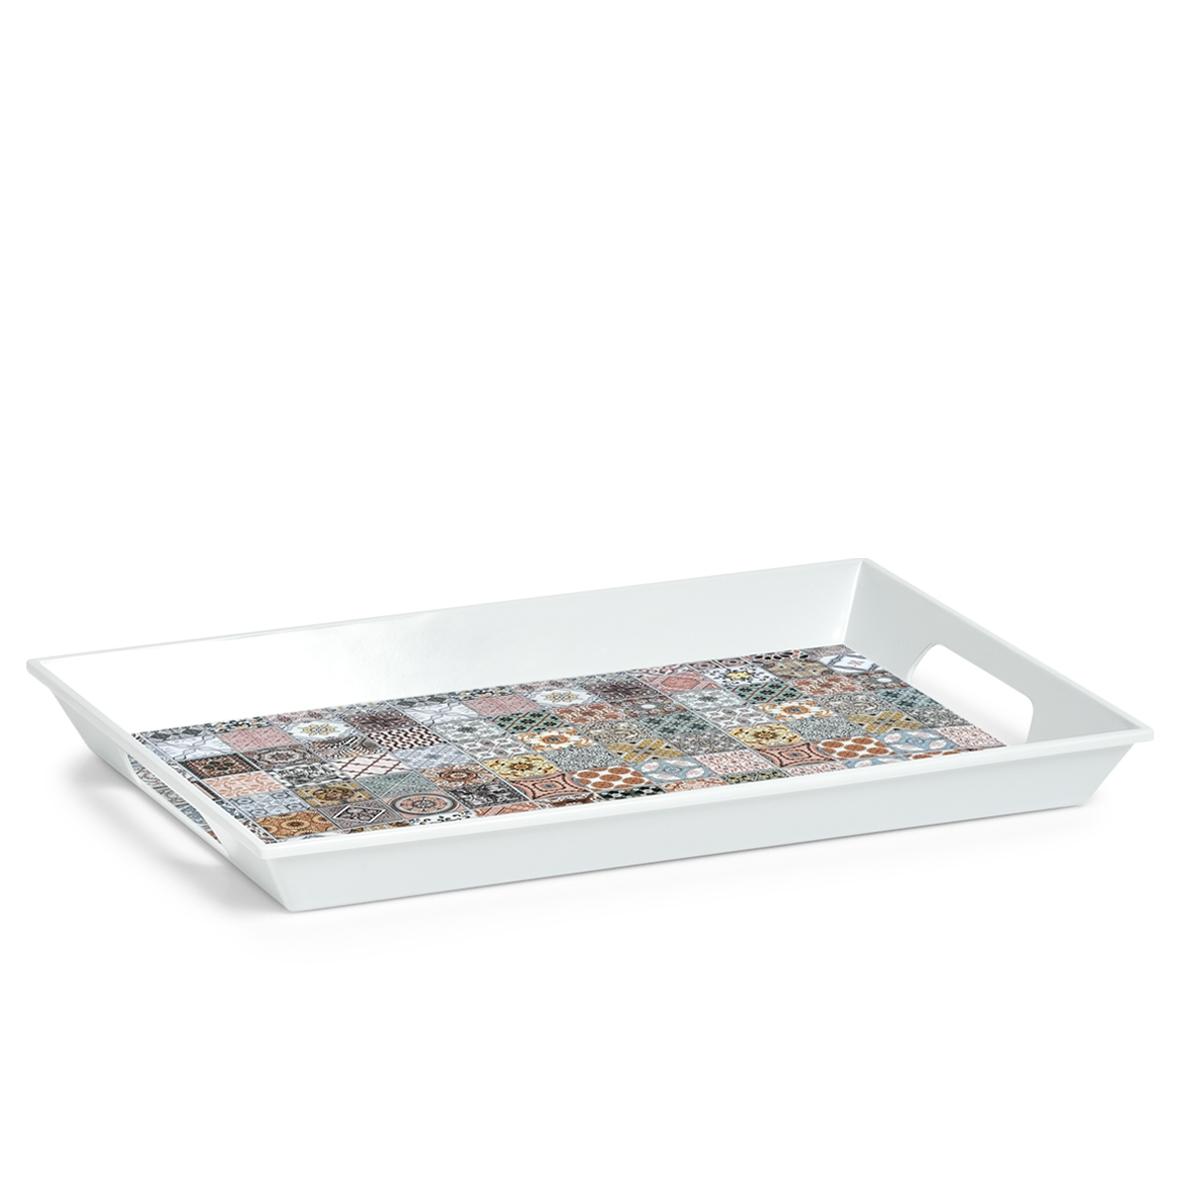 Tava pentru servire din melamina, Mosaic Multicolor, L50xl35 cm imagine